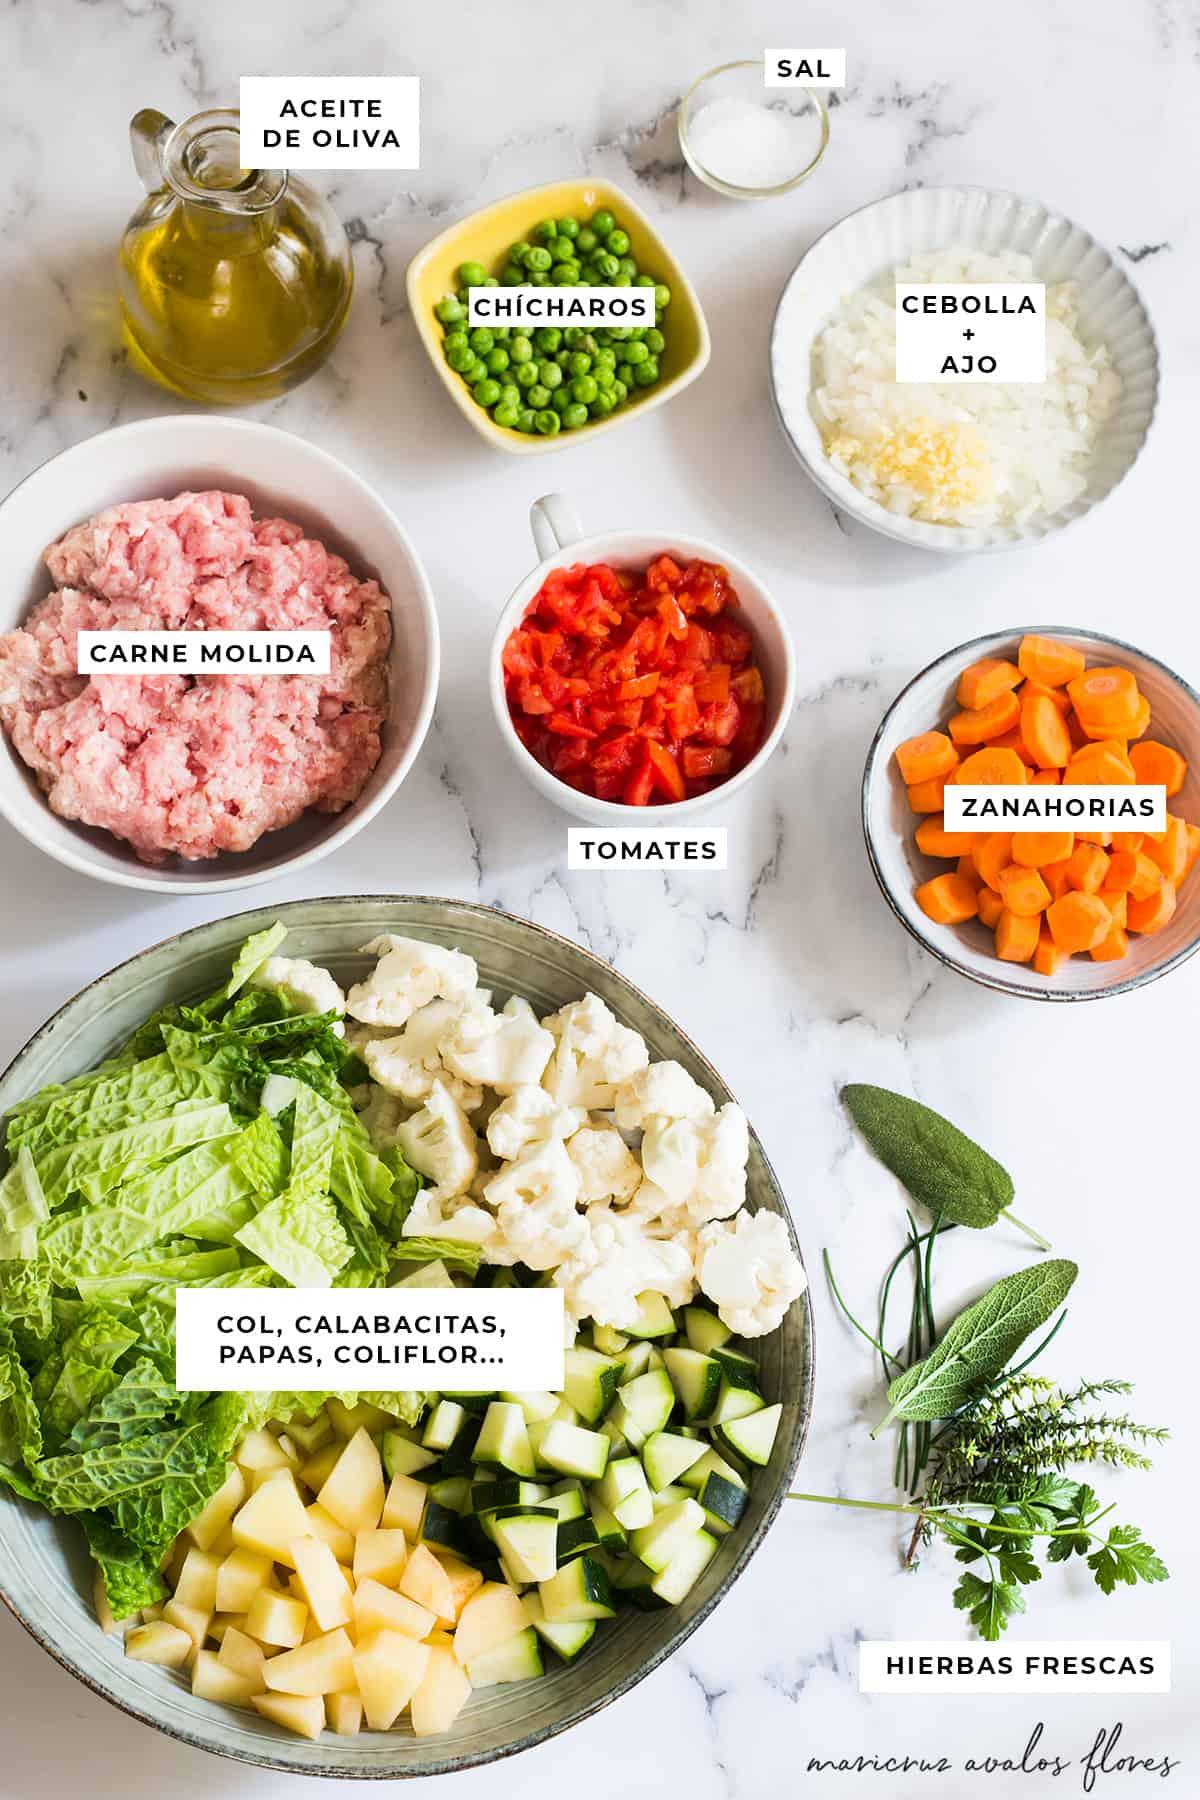 Ingredientes para sopa de verduras y carne molida ya listos para cocinarse: Aceite de oliva, sal, chícharos, cebolla, ajo, zanahorias, tomates, carne molida, col, calabacines, papas, coliflor y hierbas frescas.